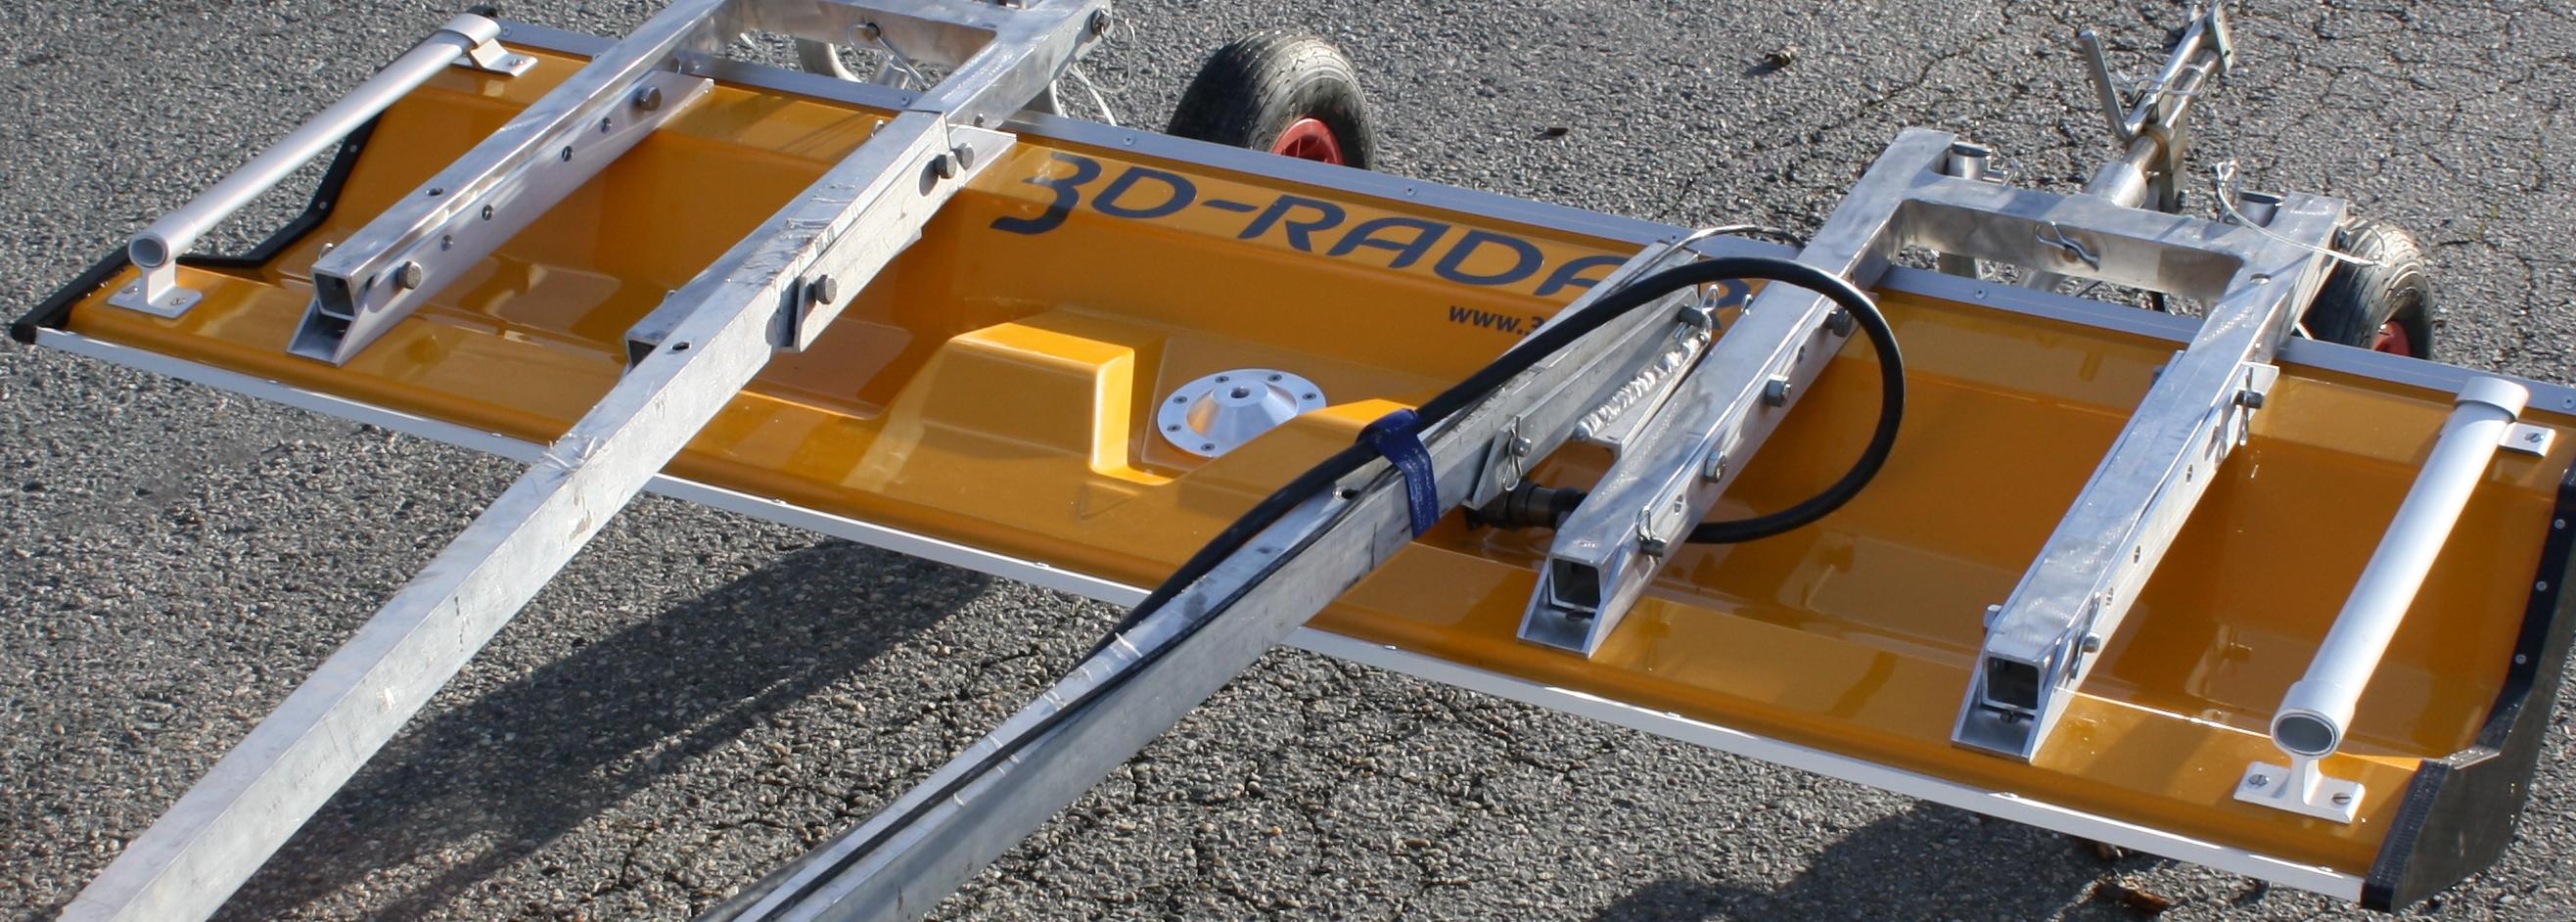 DX1821 Antenna on trailer